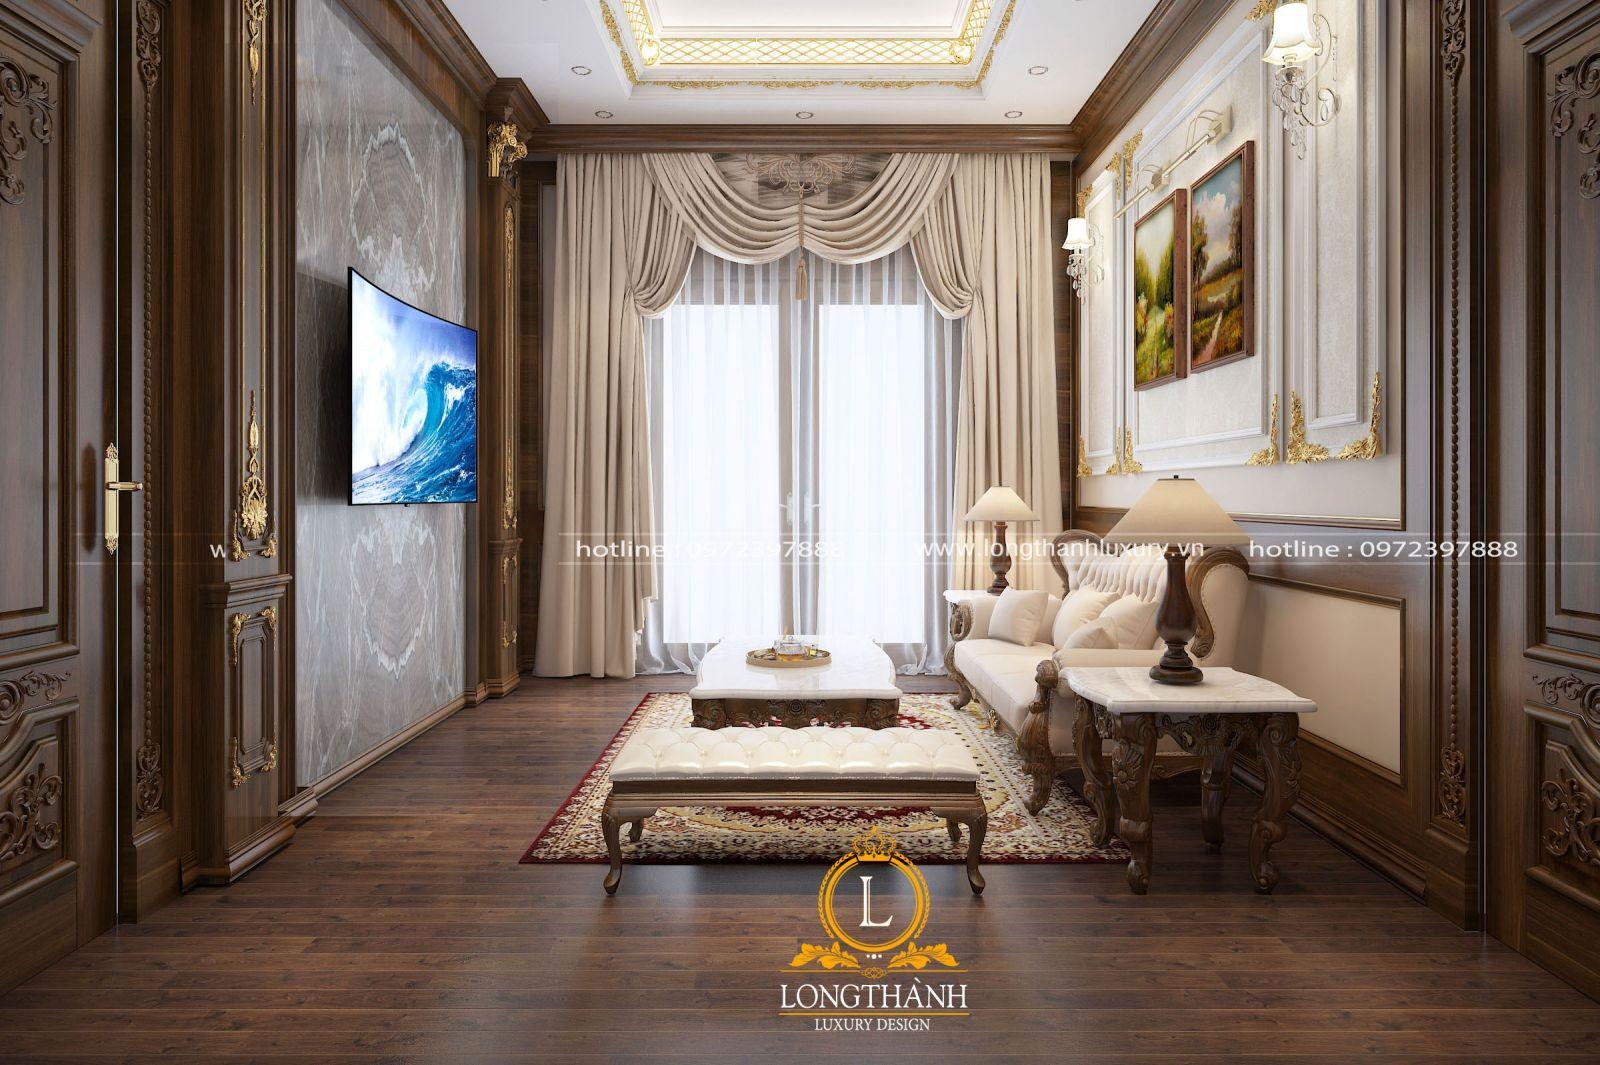 Phòng khách tân cổ điển nhỏ với điểm nhấn từ mẫu rèm cửa quý phái